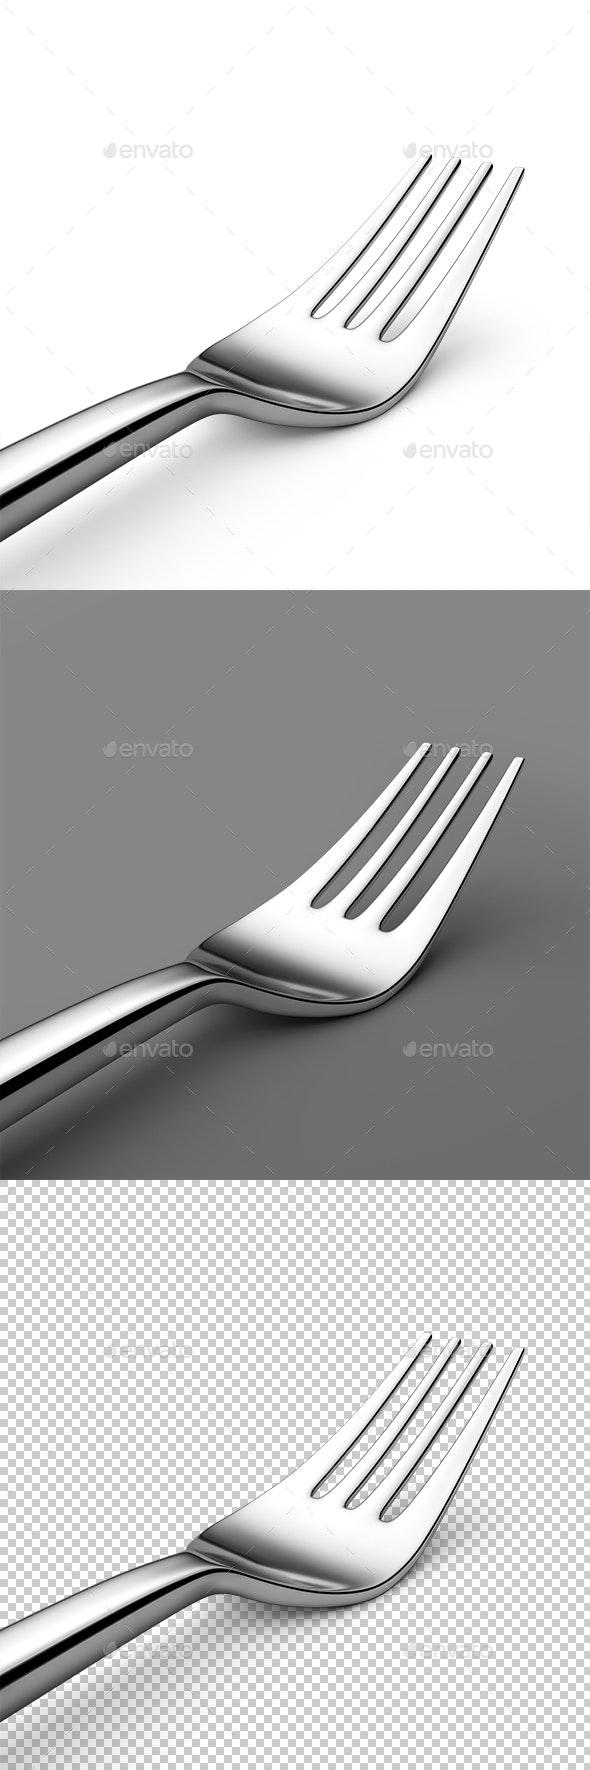 Fork - Objects 3D Renders